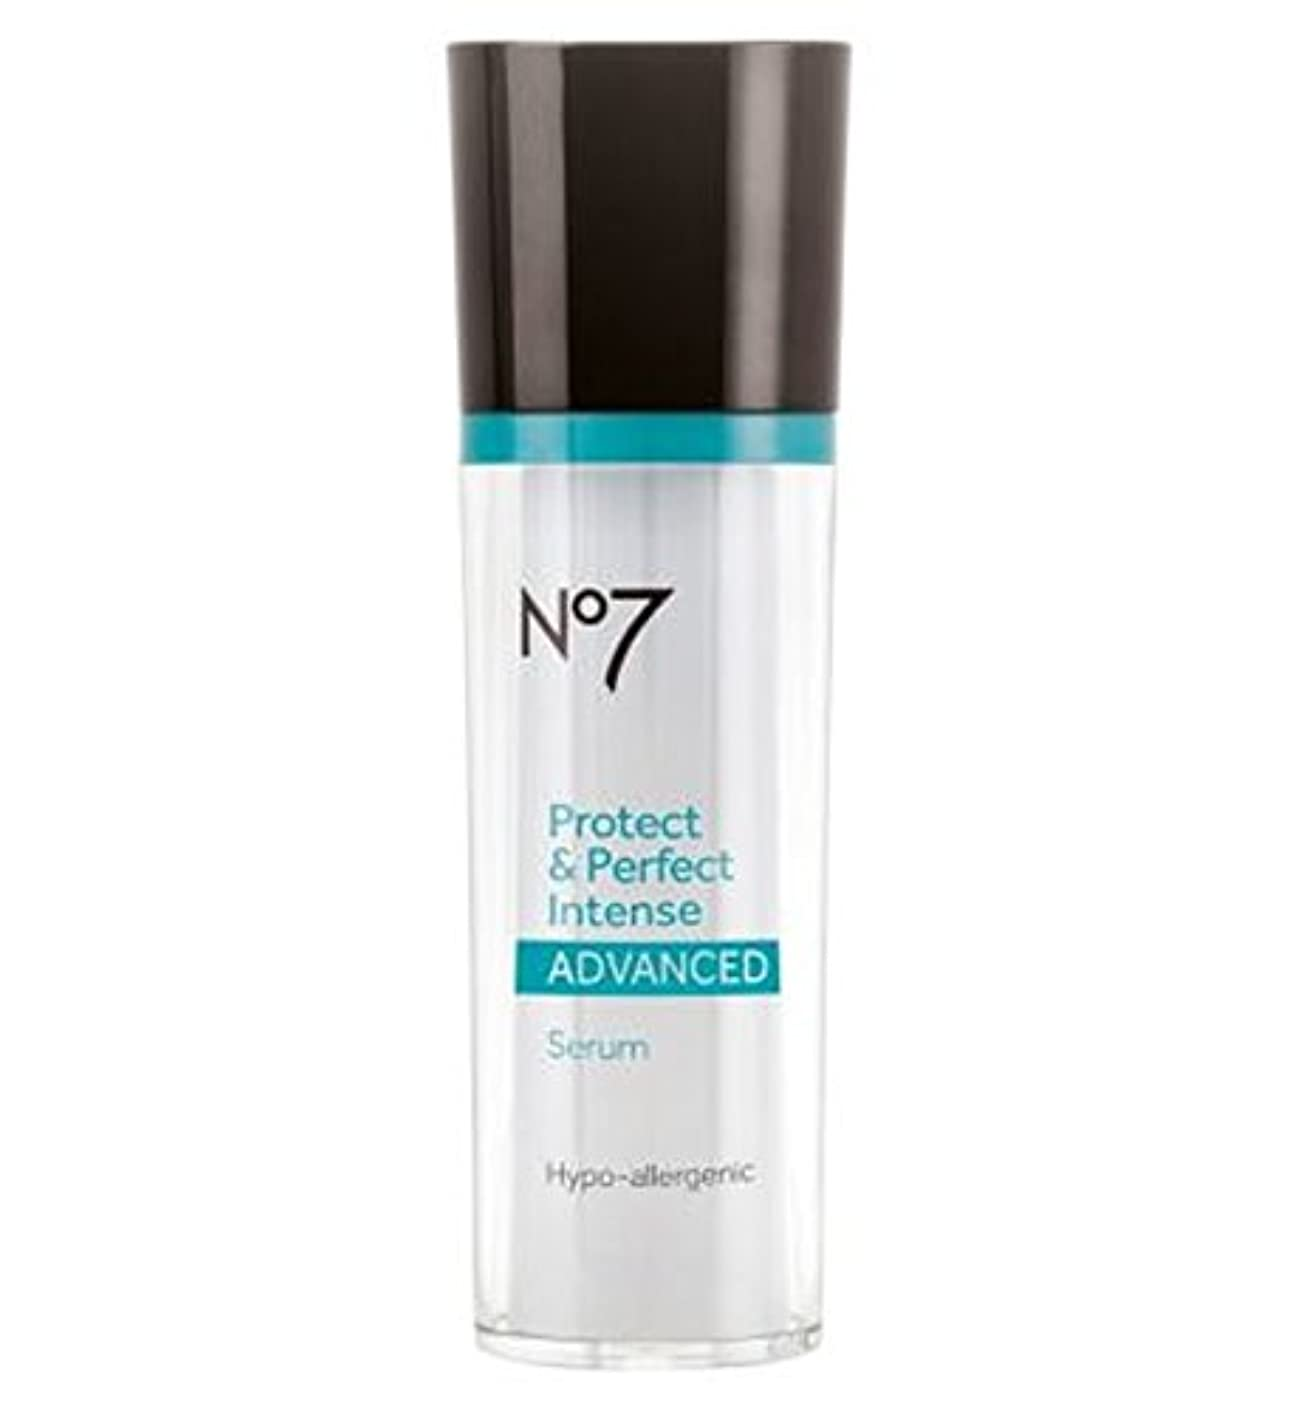 倫理的行商人ピケNo7 Protect & Perfect Intense ADVANCED Serum Pump 30ml - No7保護&完璧な強烈な高度な血清ポンプ30ミリリットル (No7) [並行輸入品]